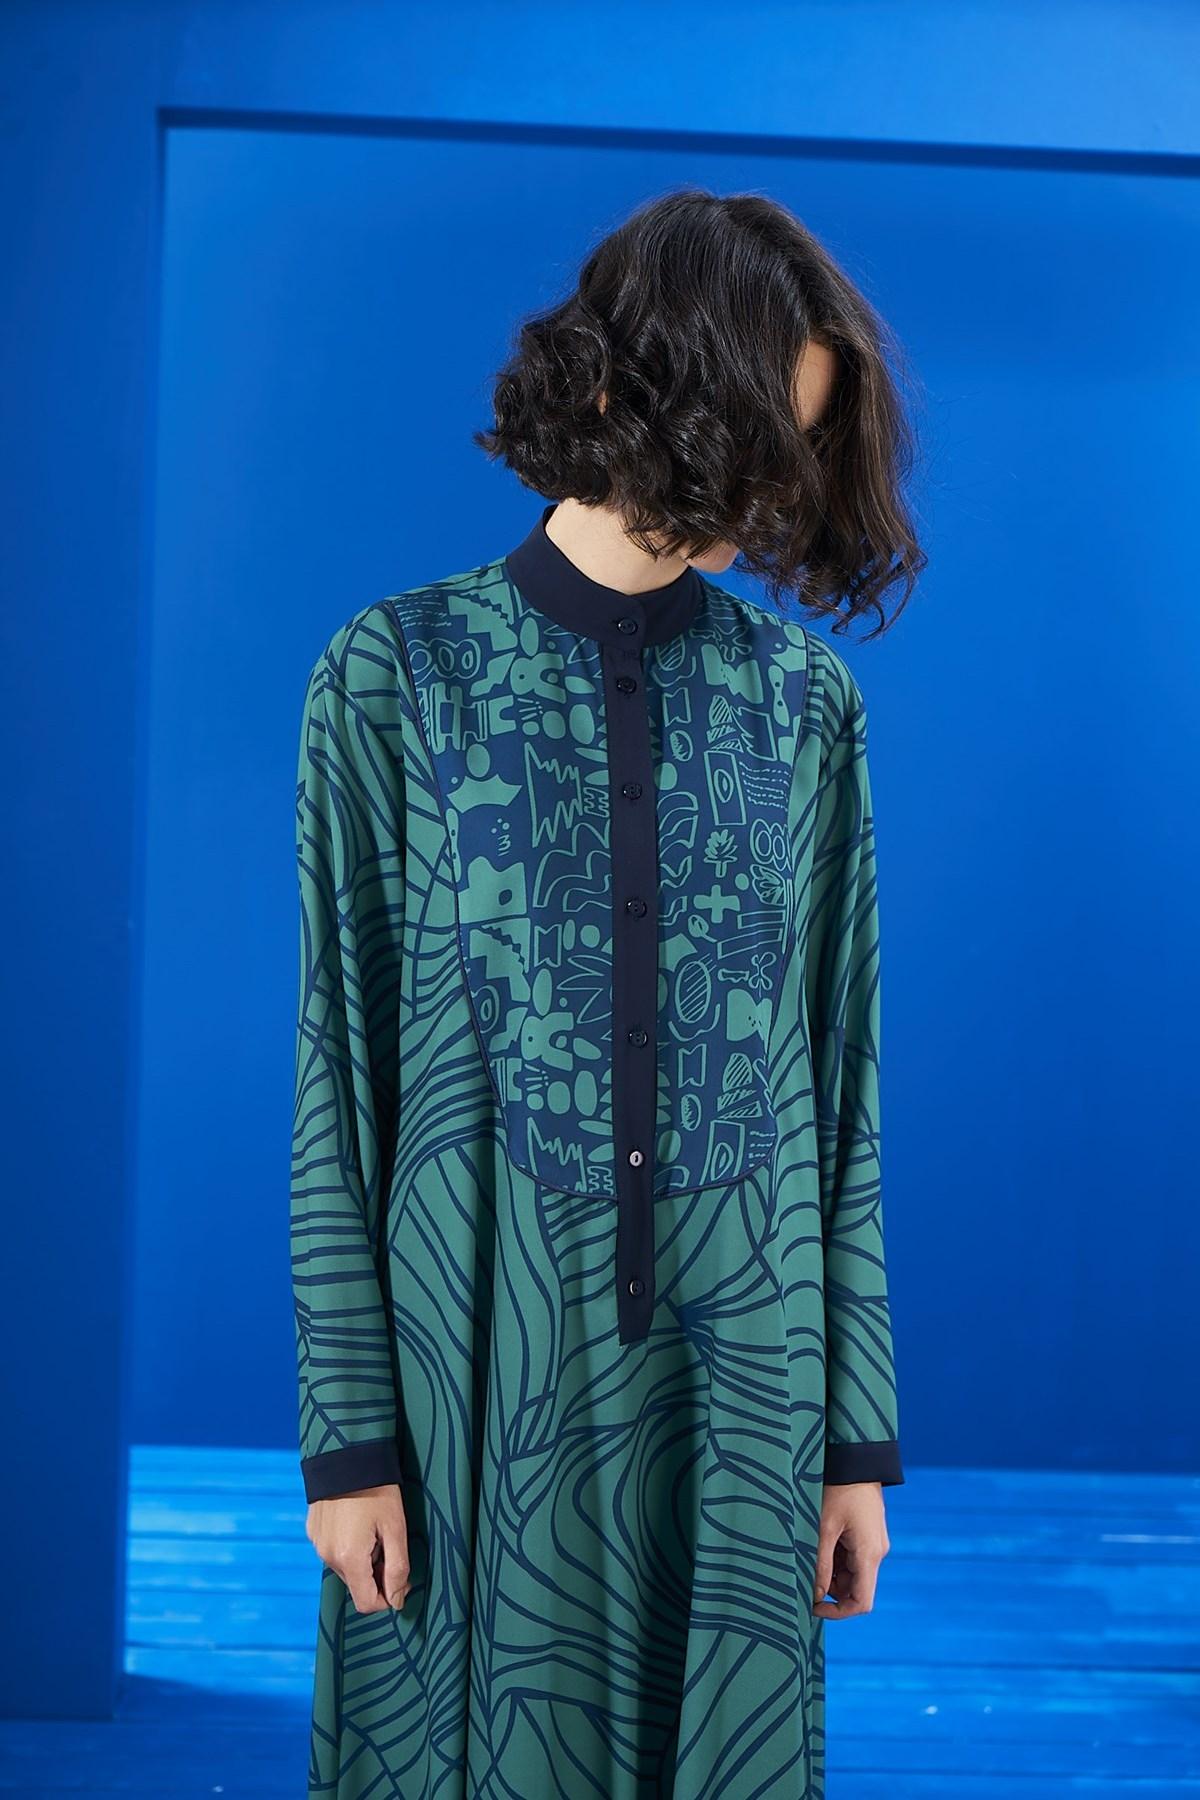 Mevra - Biyeli Elbise İki Desen Laci-Yeşil